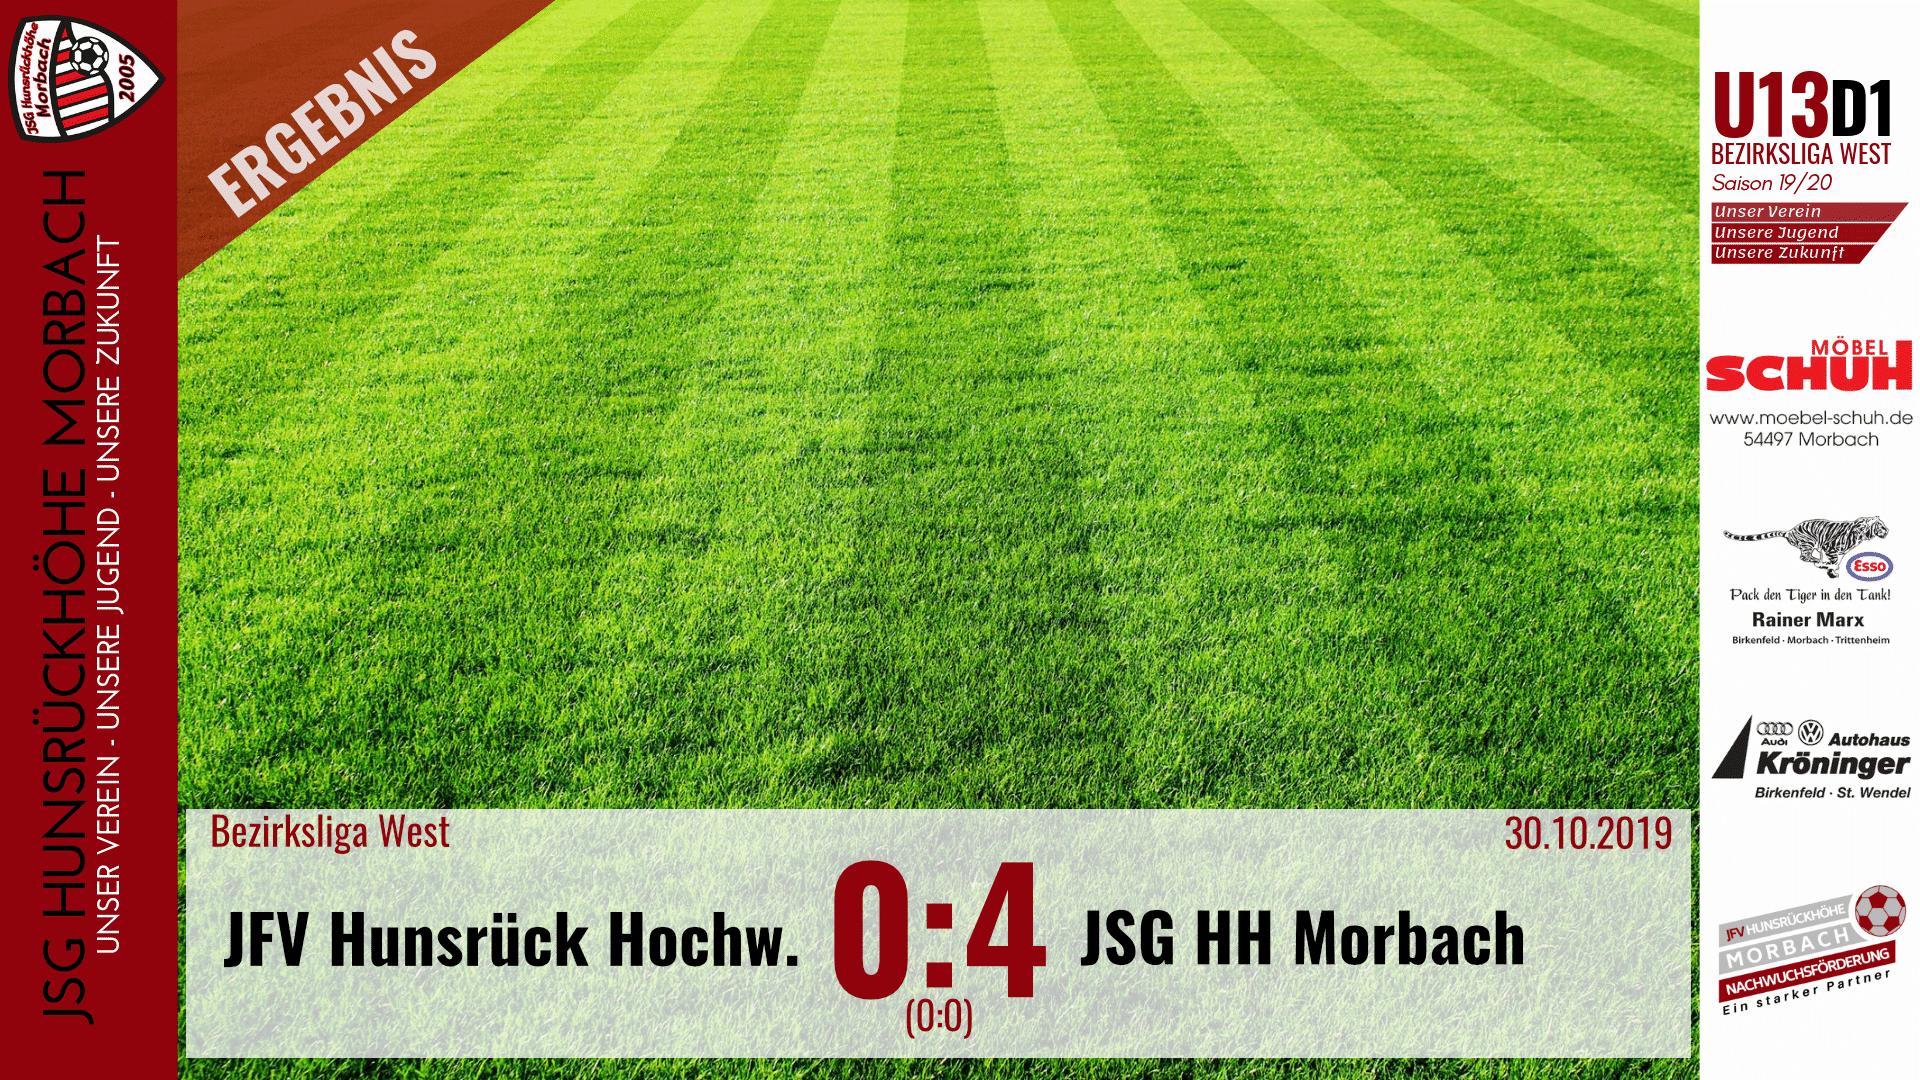 U13 D1: JFV Hunsrück-Hochwald – JSG Hunsrückhöhe Morbach 0:4 (0:0)